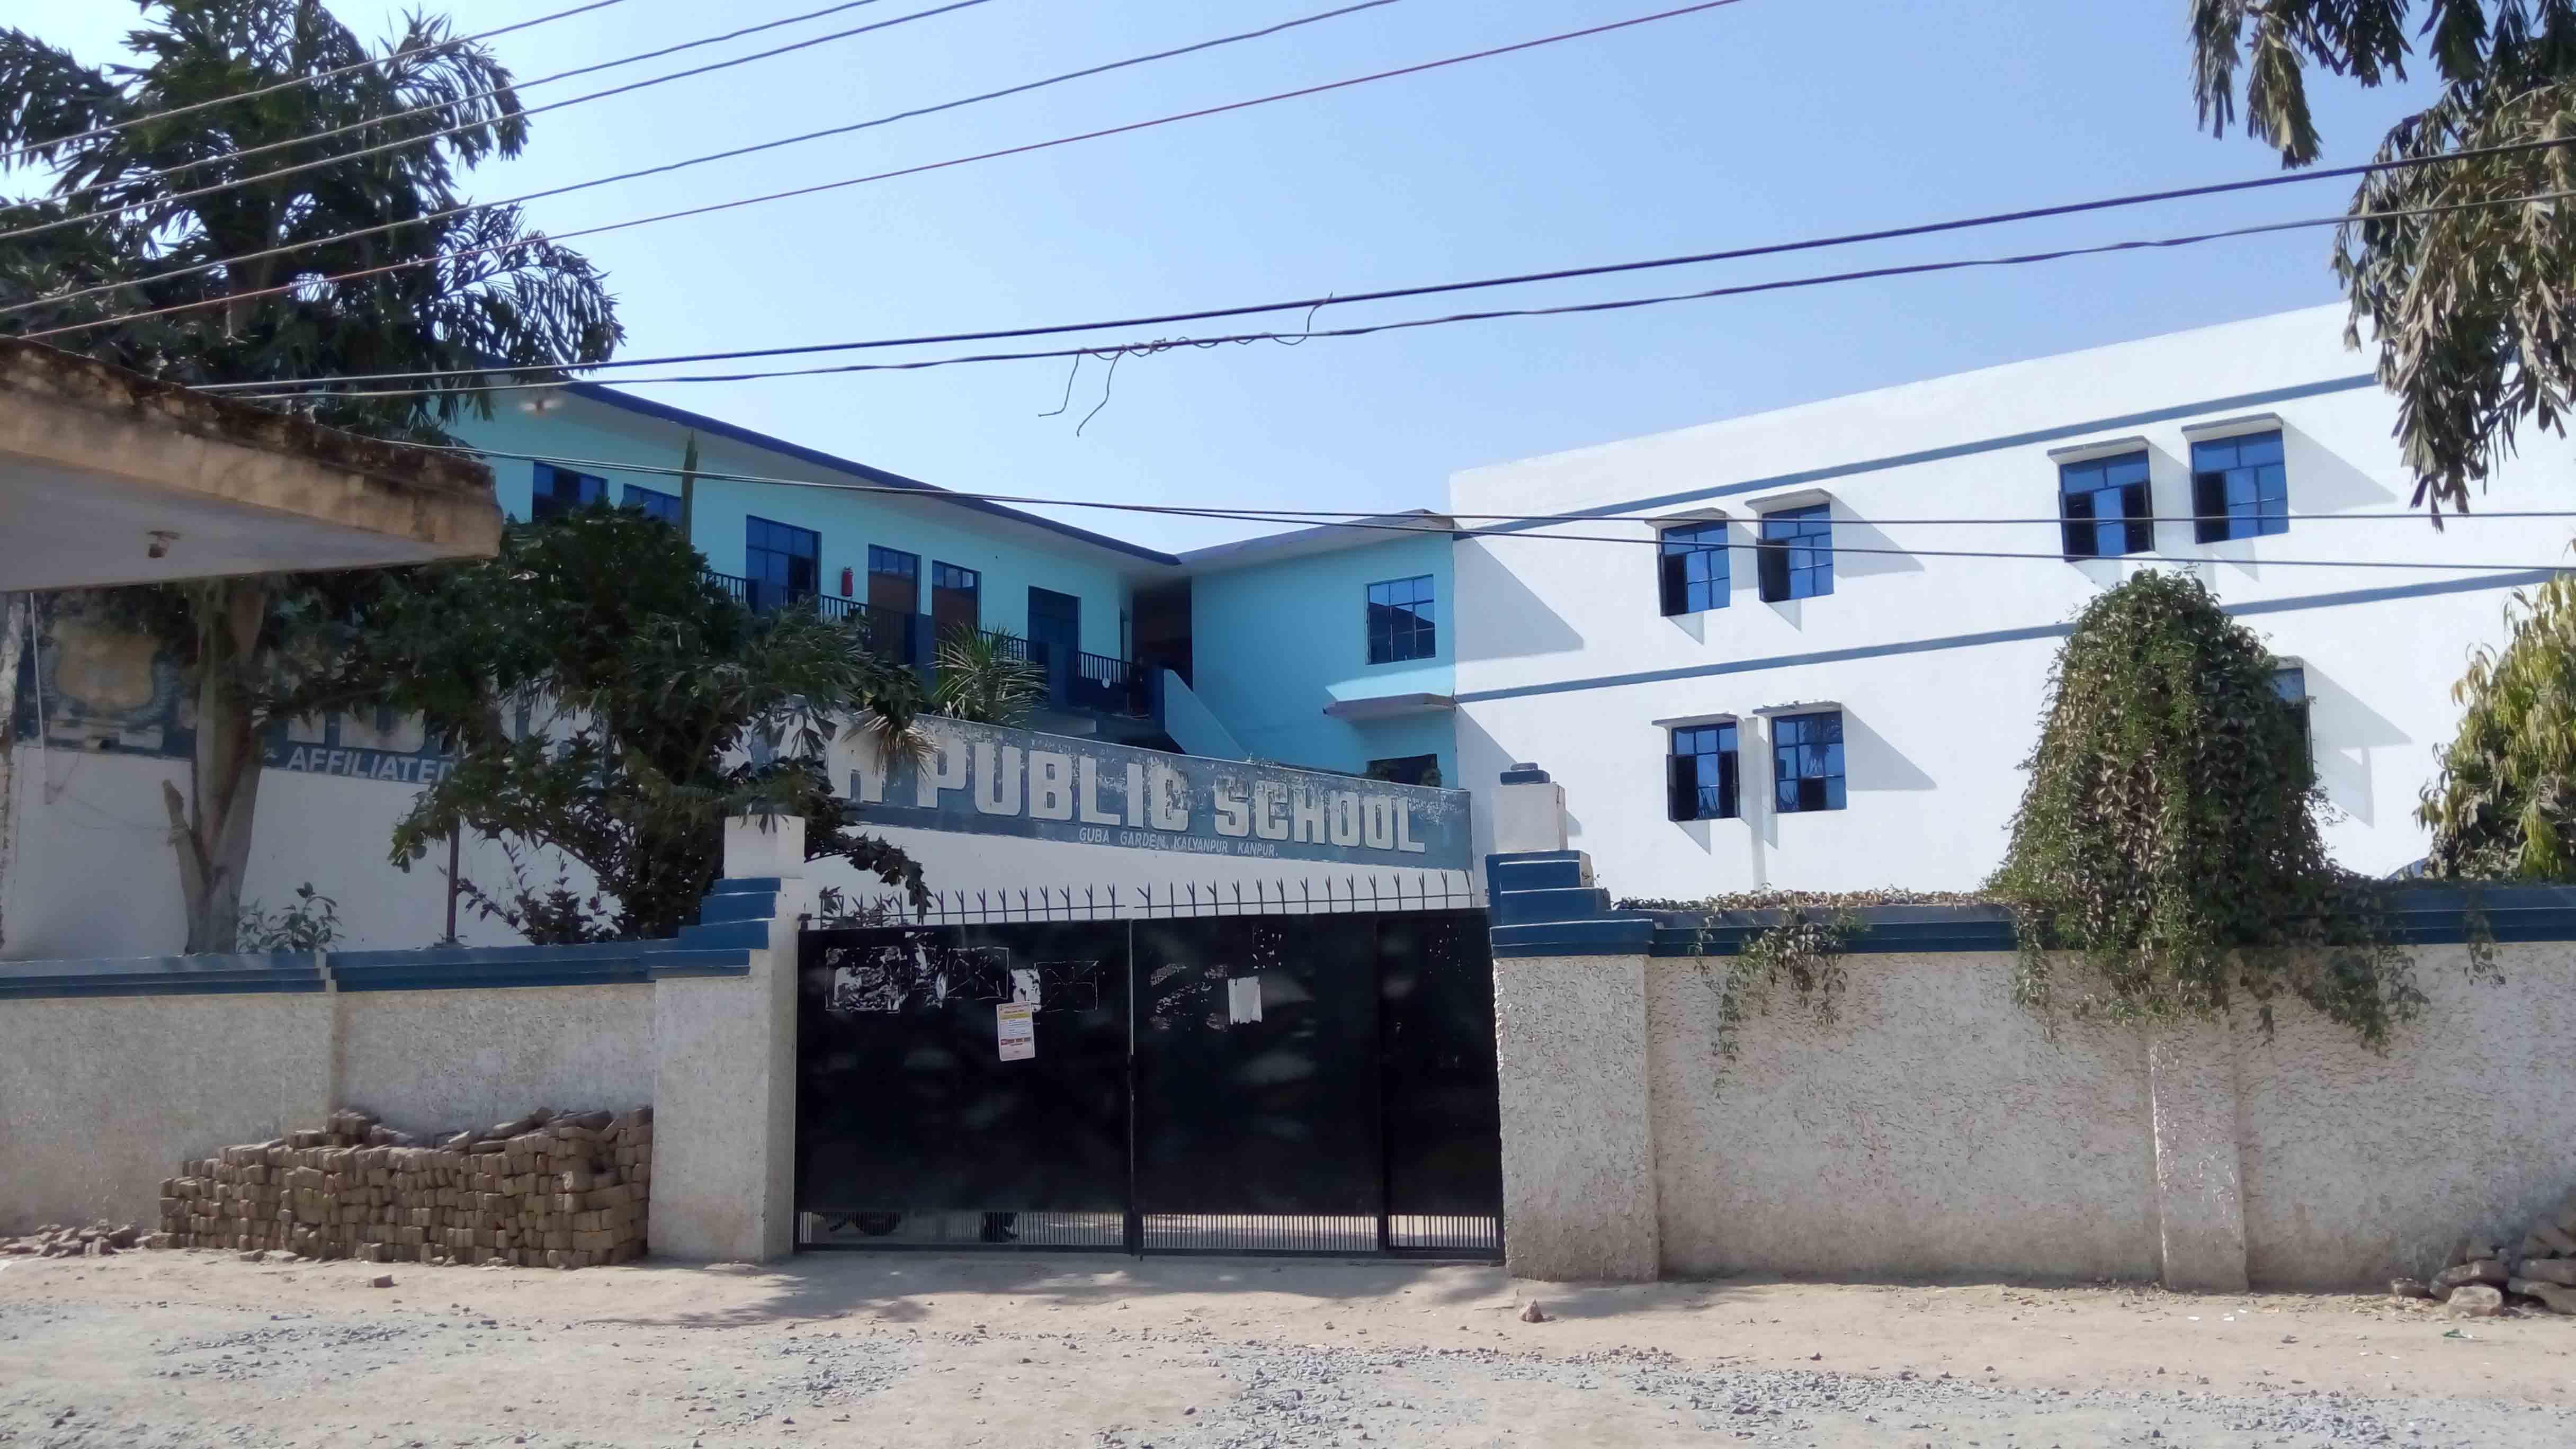 SIDDHARTH PUBLIC SCHOOL GUBA GARDEN KALYANPUR KANPUR 2130965